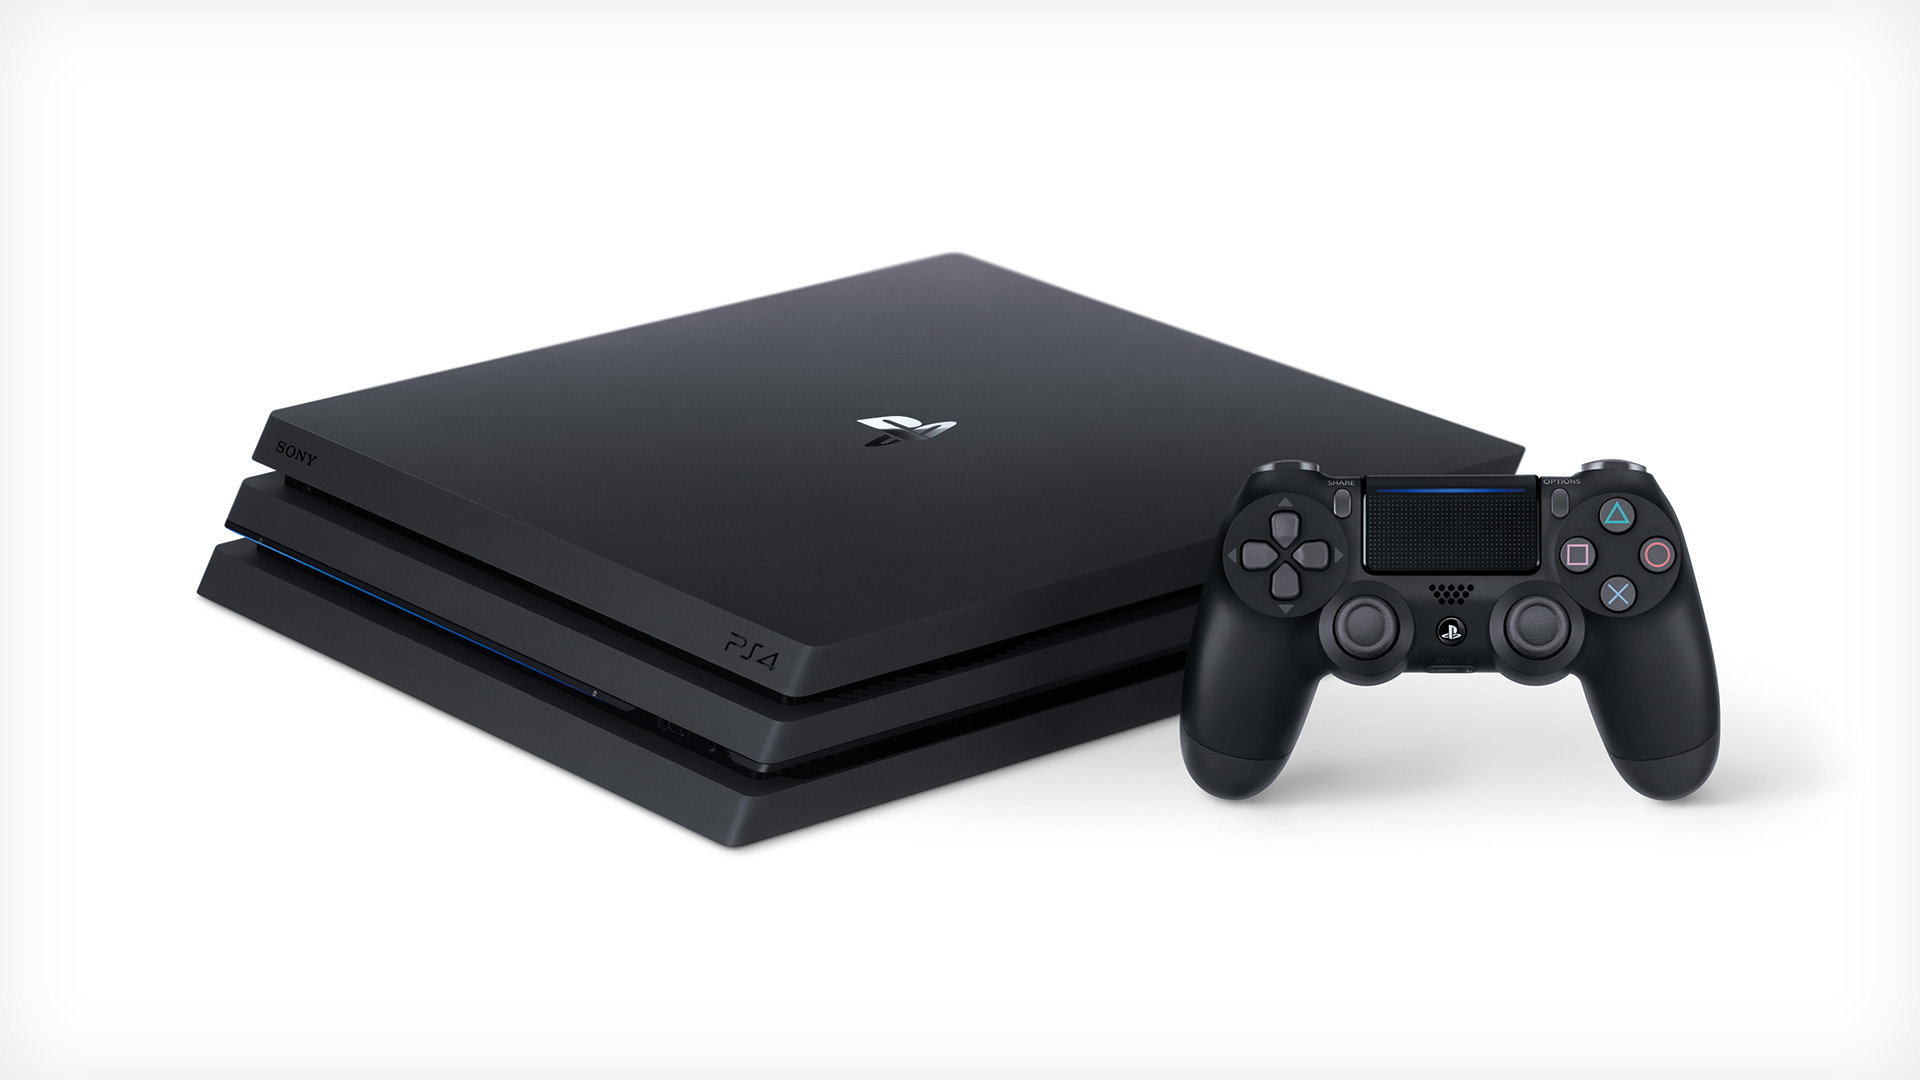 PS4 Pro: Ein Verkaufshit? – Neue Konsole kurbelt Geschäft an